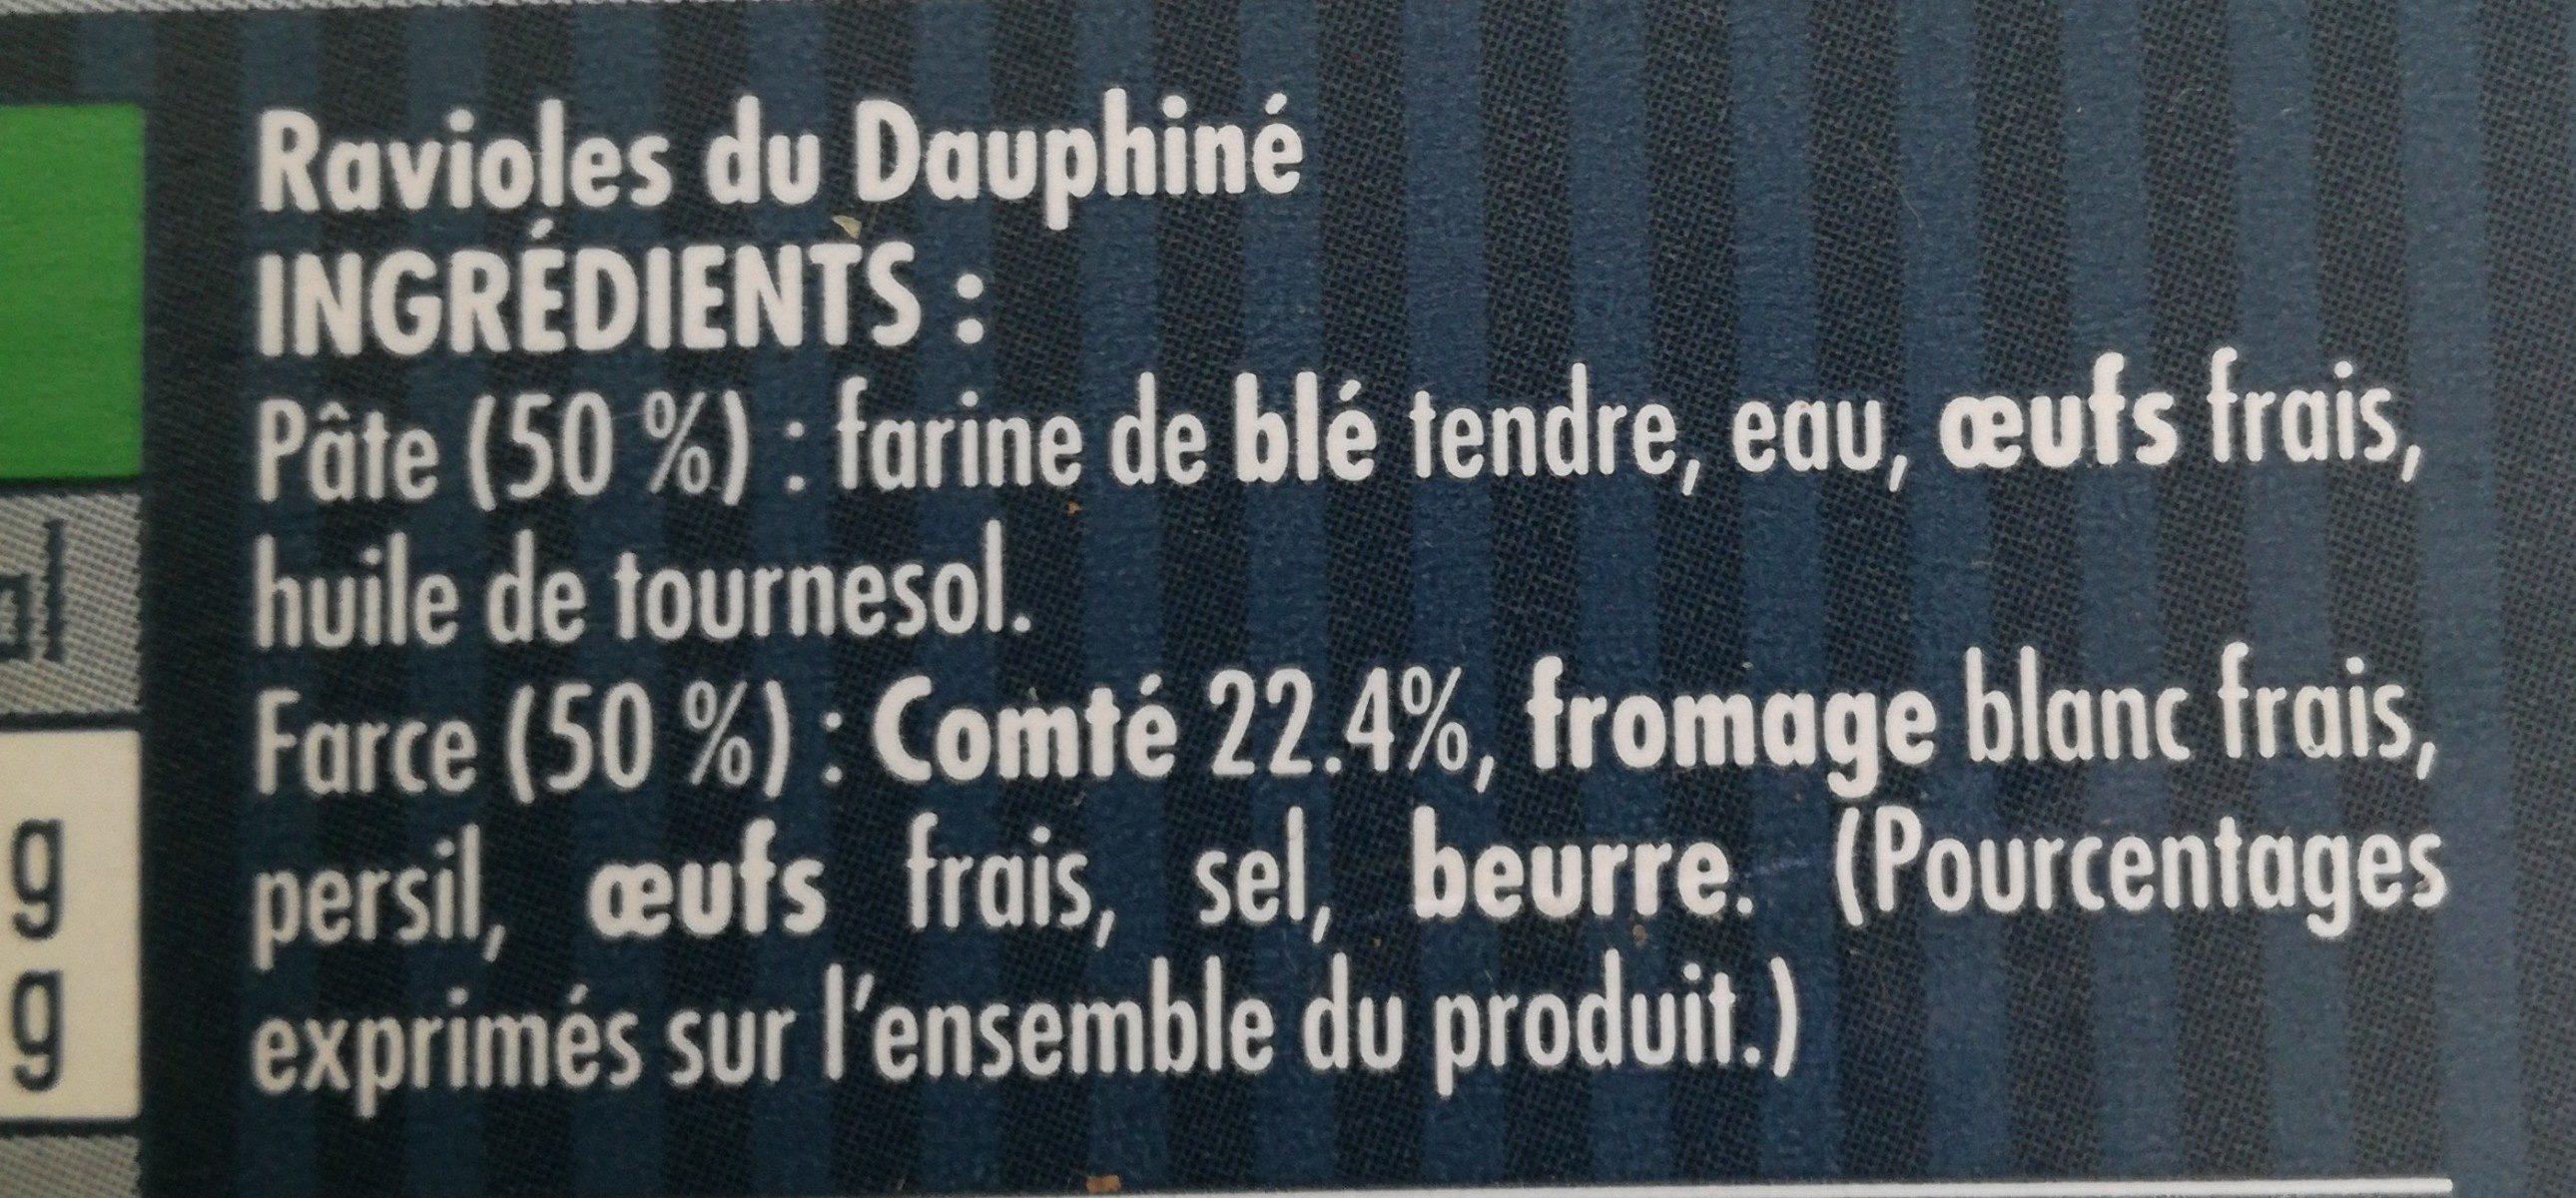 Ravioles du dauphiné comté AOP - Ingredientes